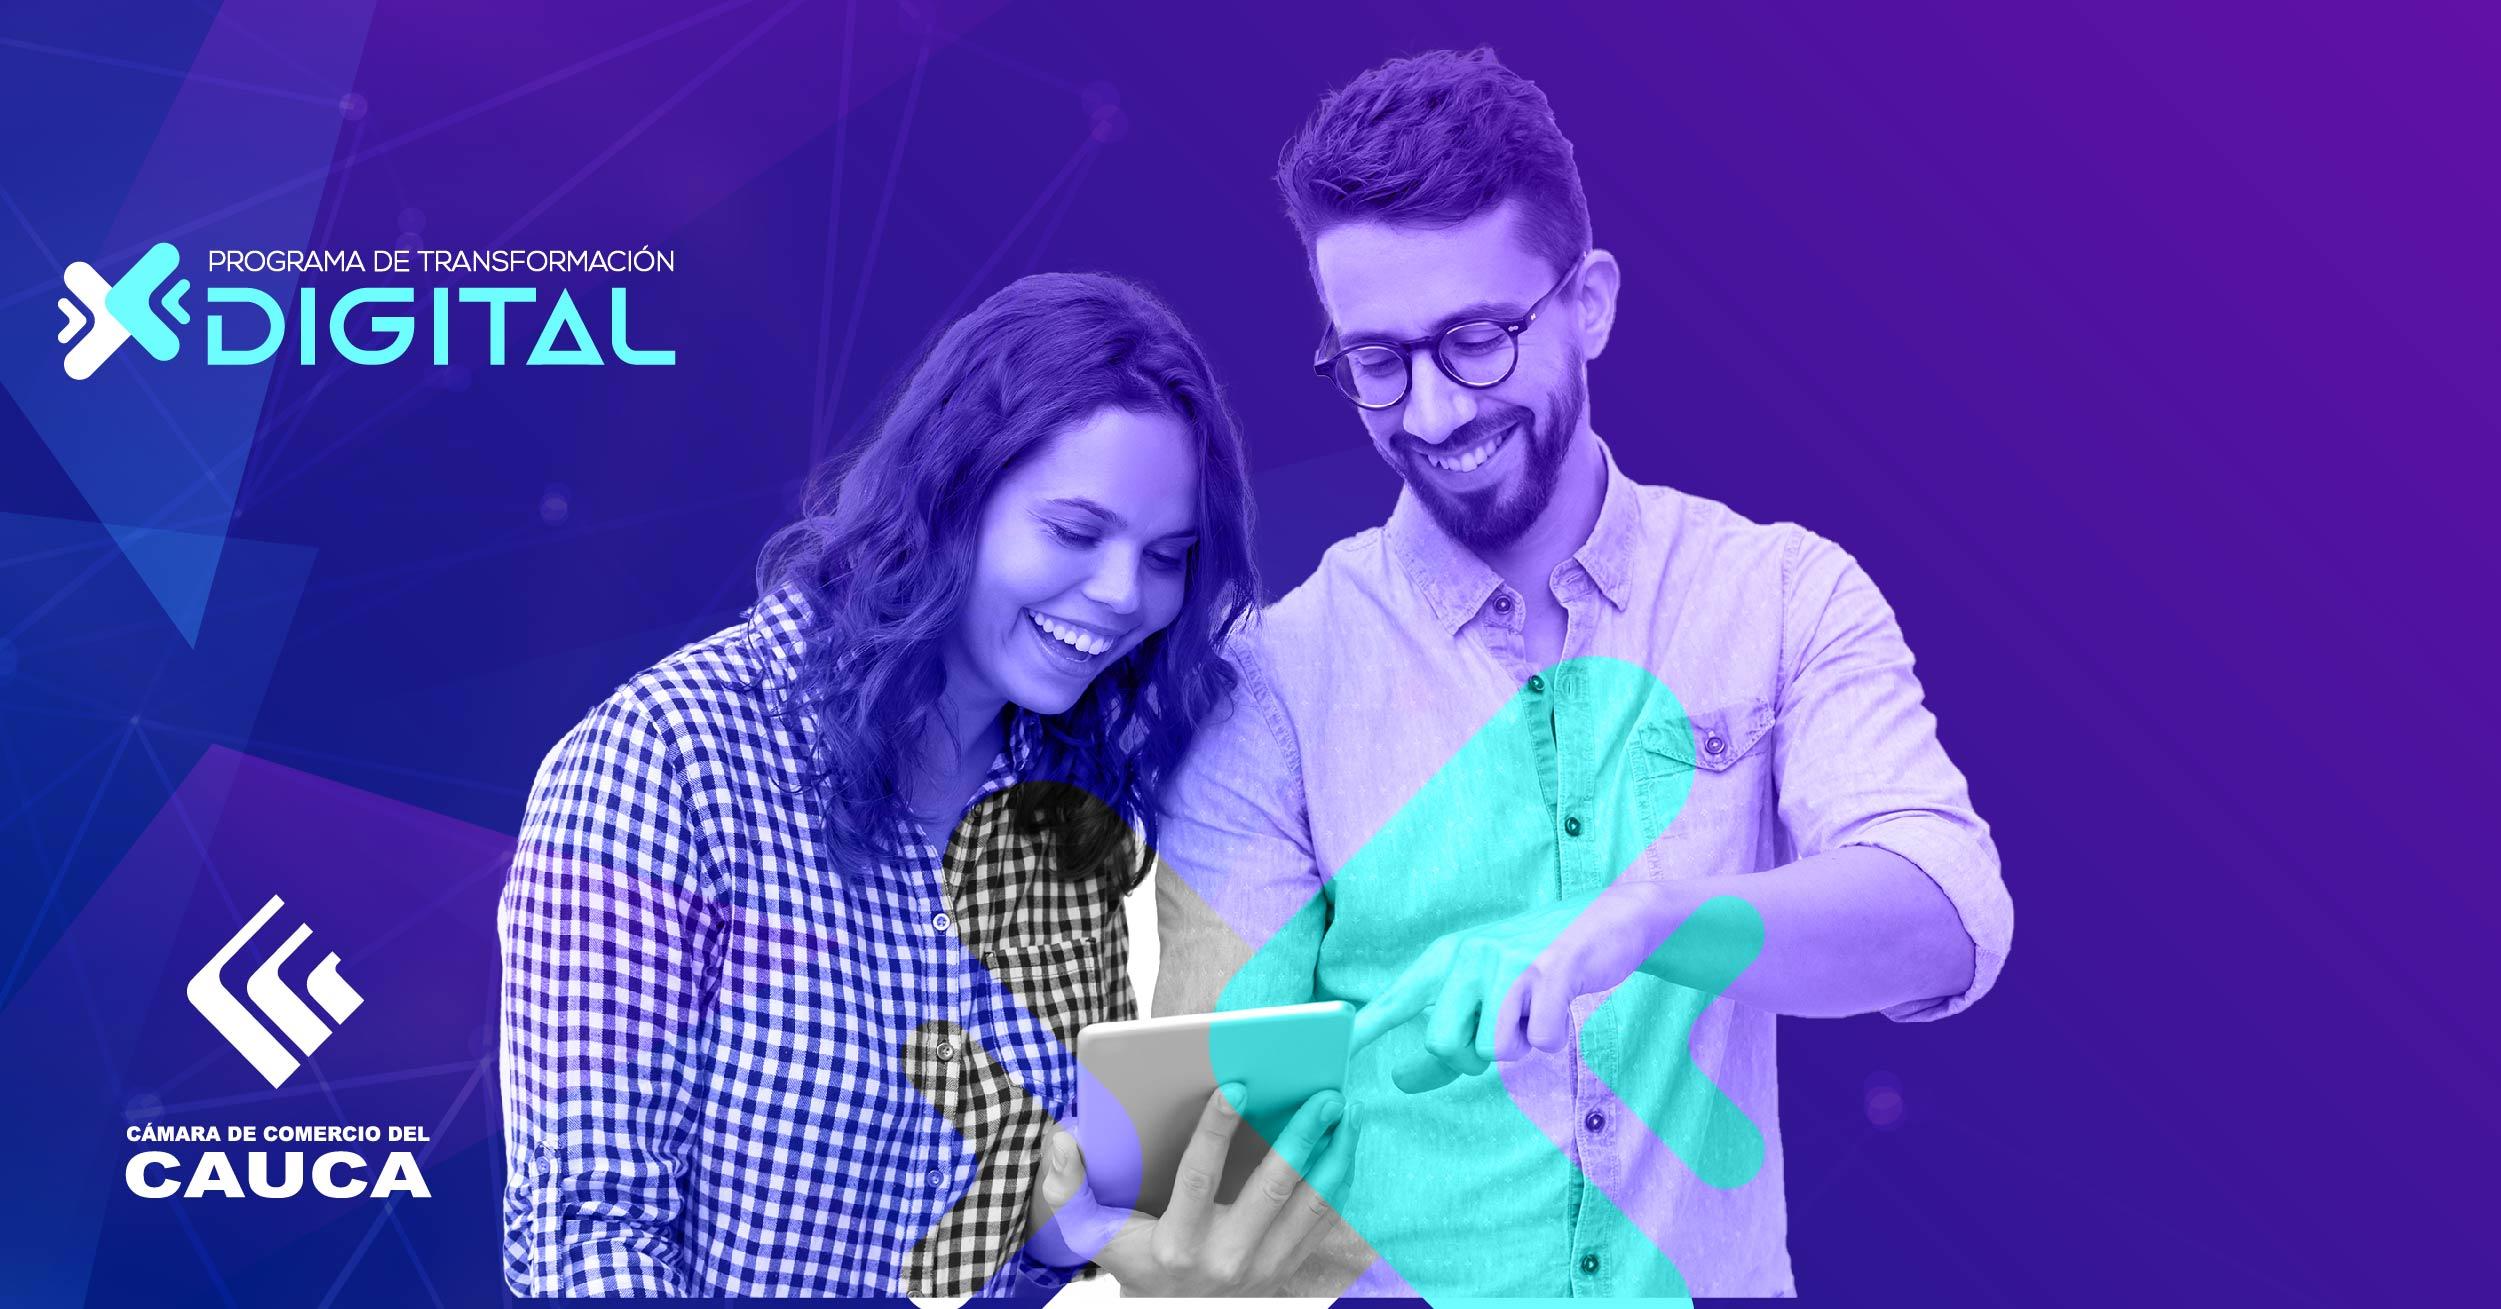 MIPYMES digitales: Fortalecimiento y aceleración de la estrategia digital de su negocio.